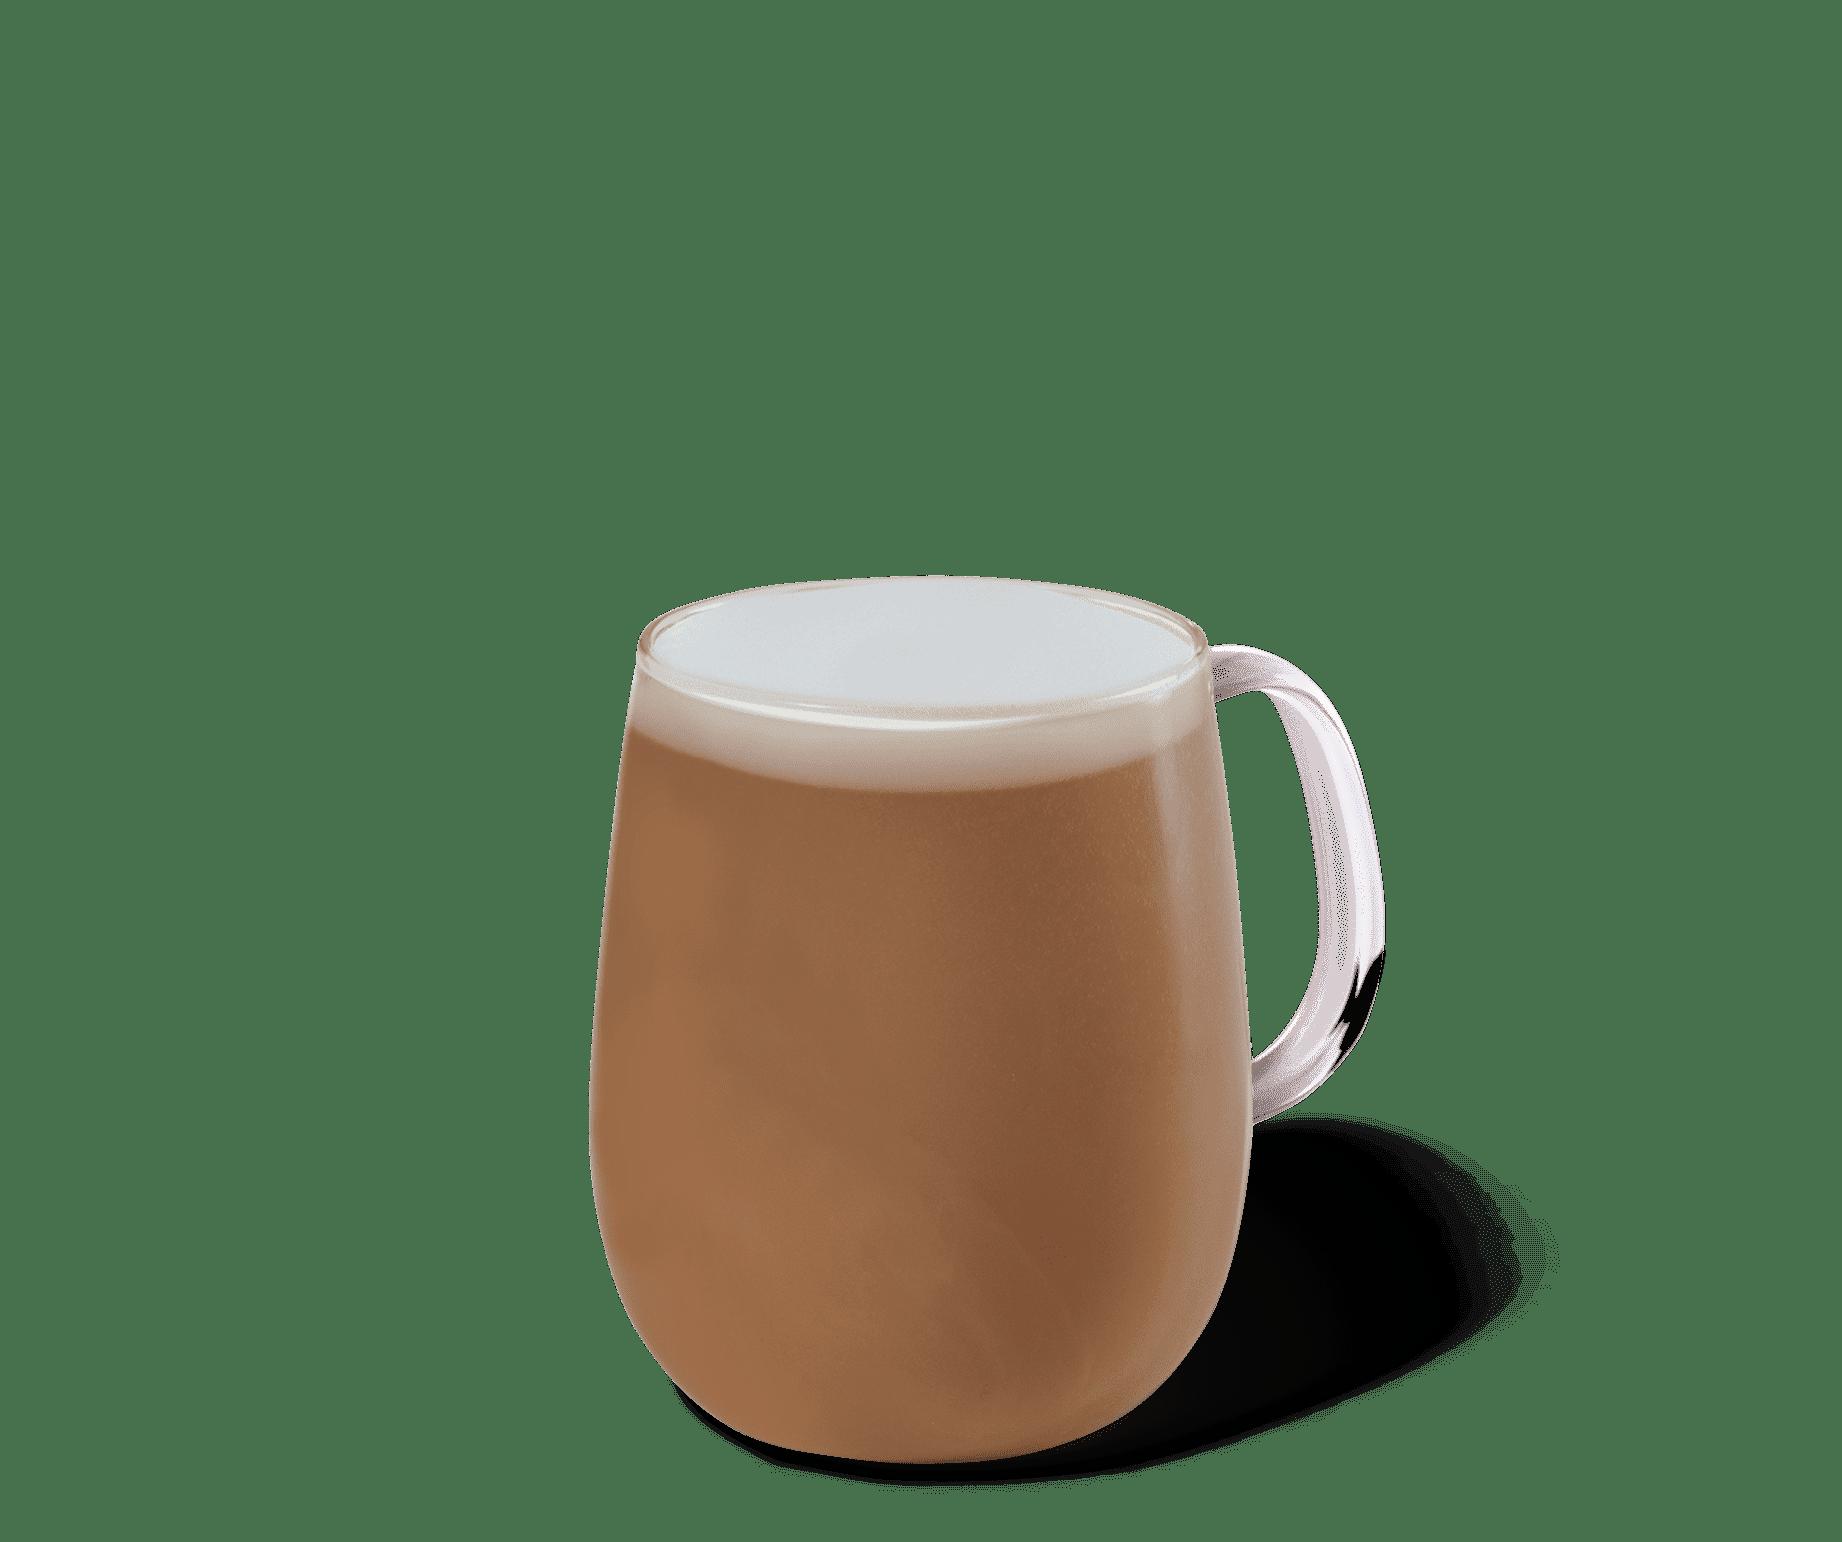 Tazza di latte macchiato Starbucks_ricette1